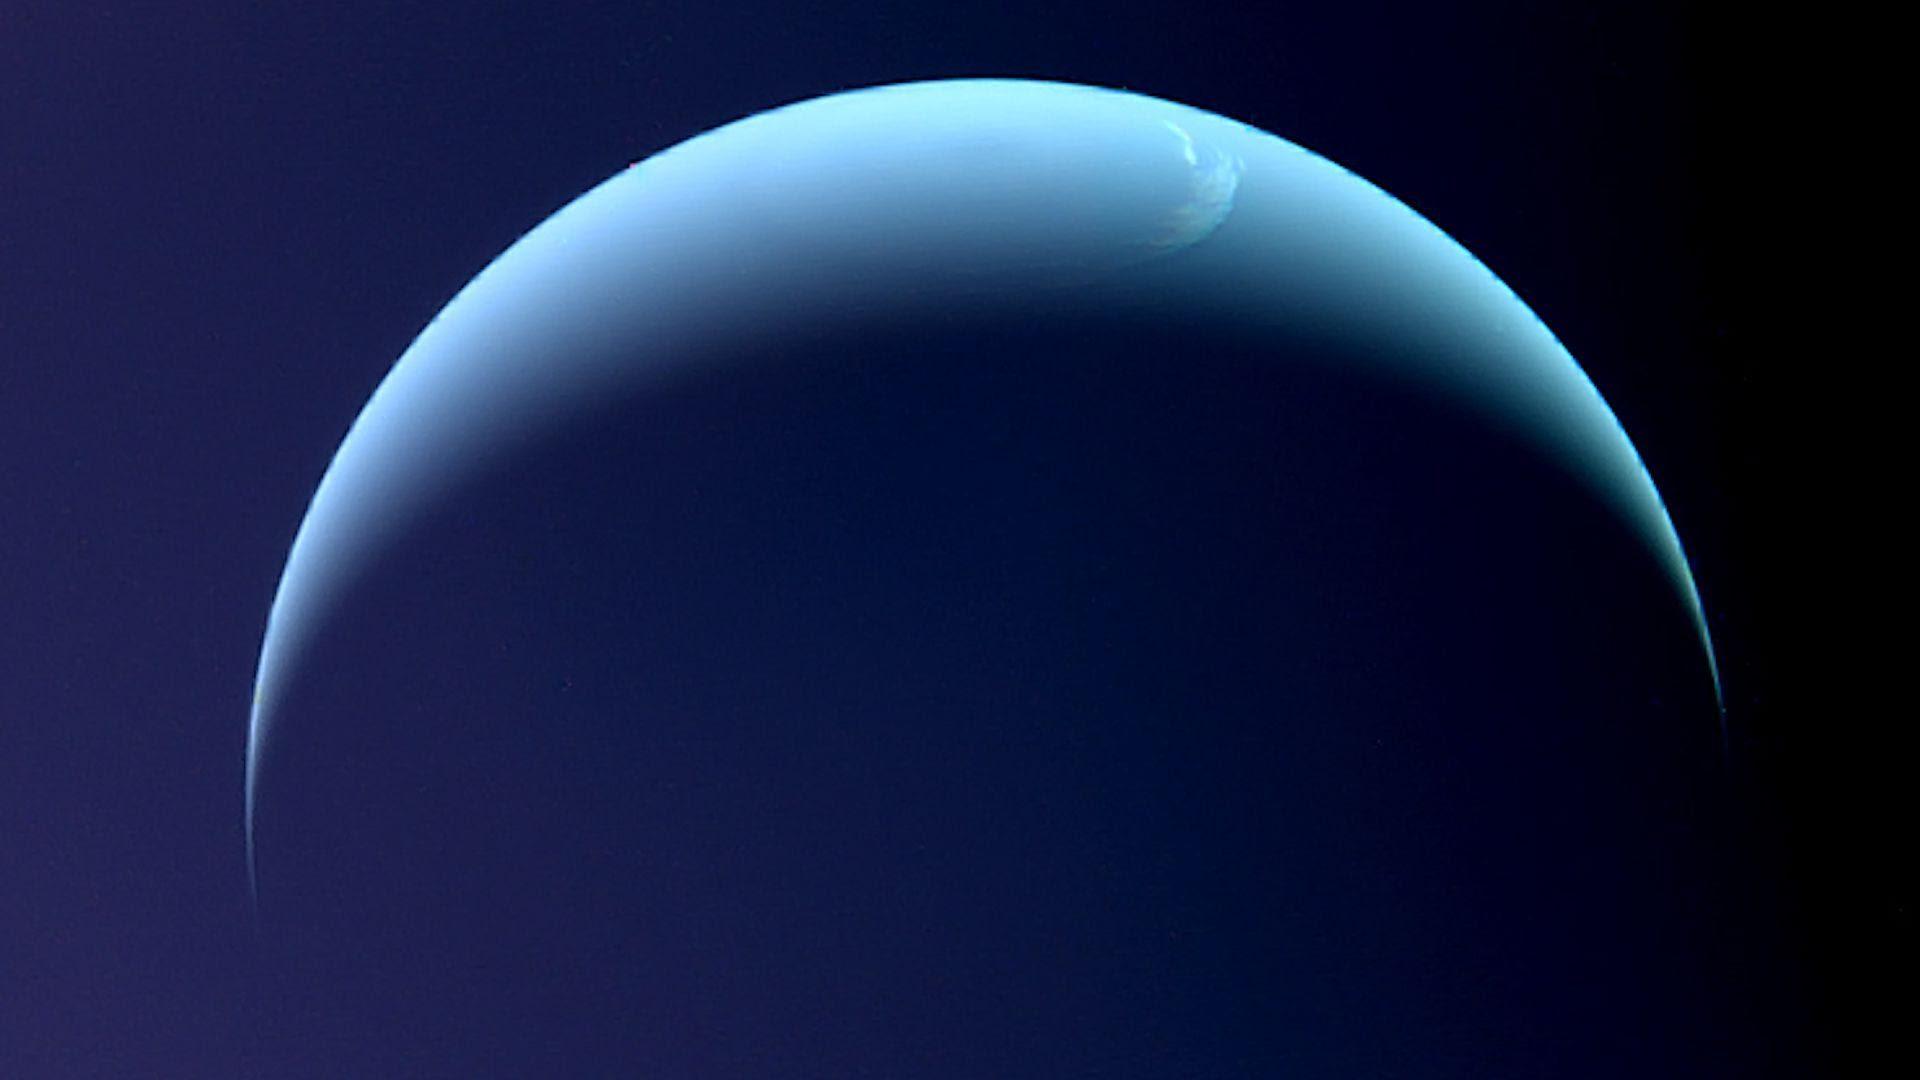 ازکشف سیاره بدون آسمان تا ستاره پادار